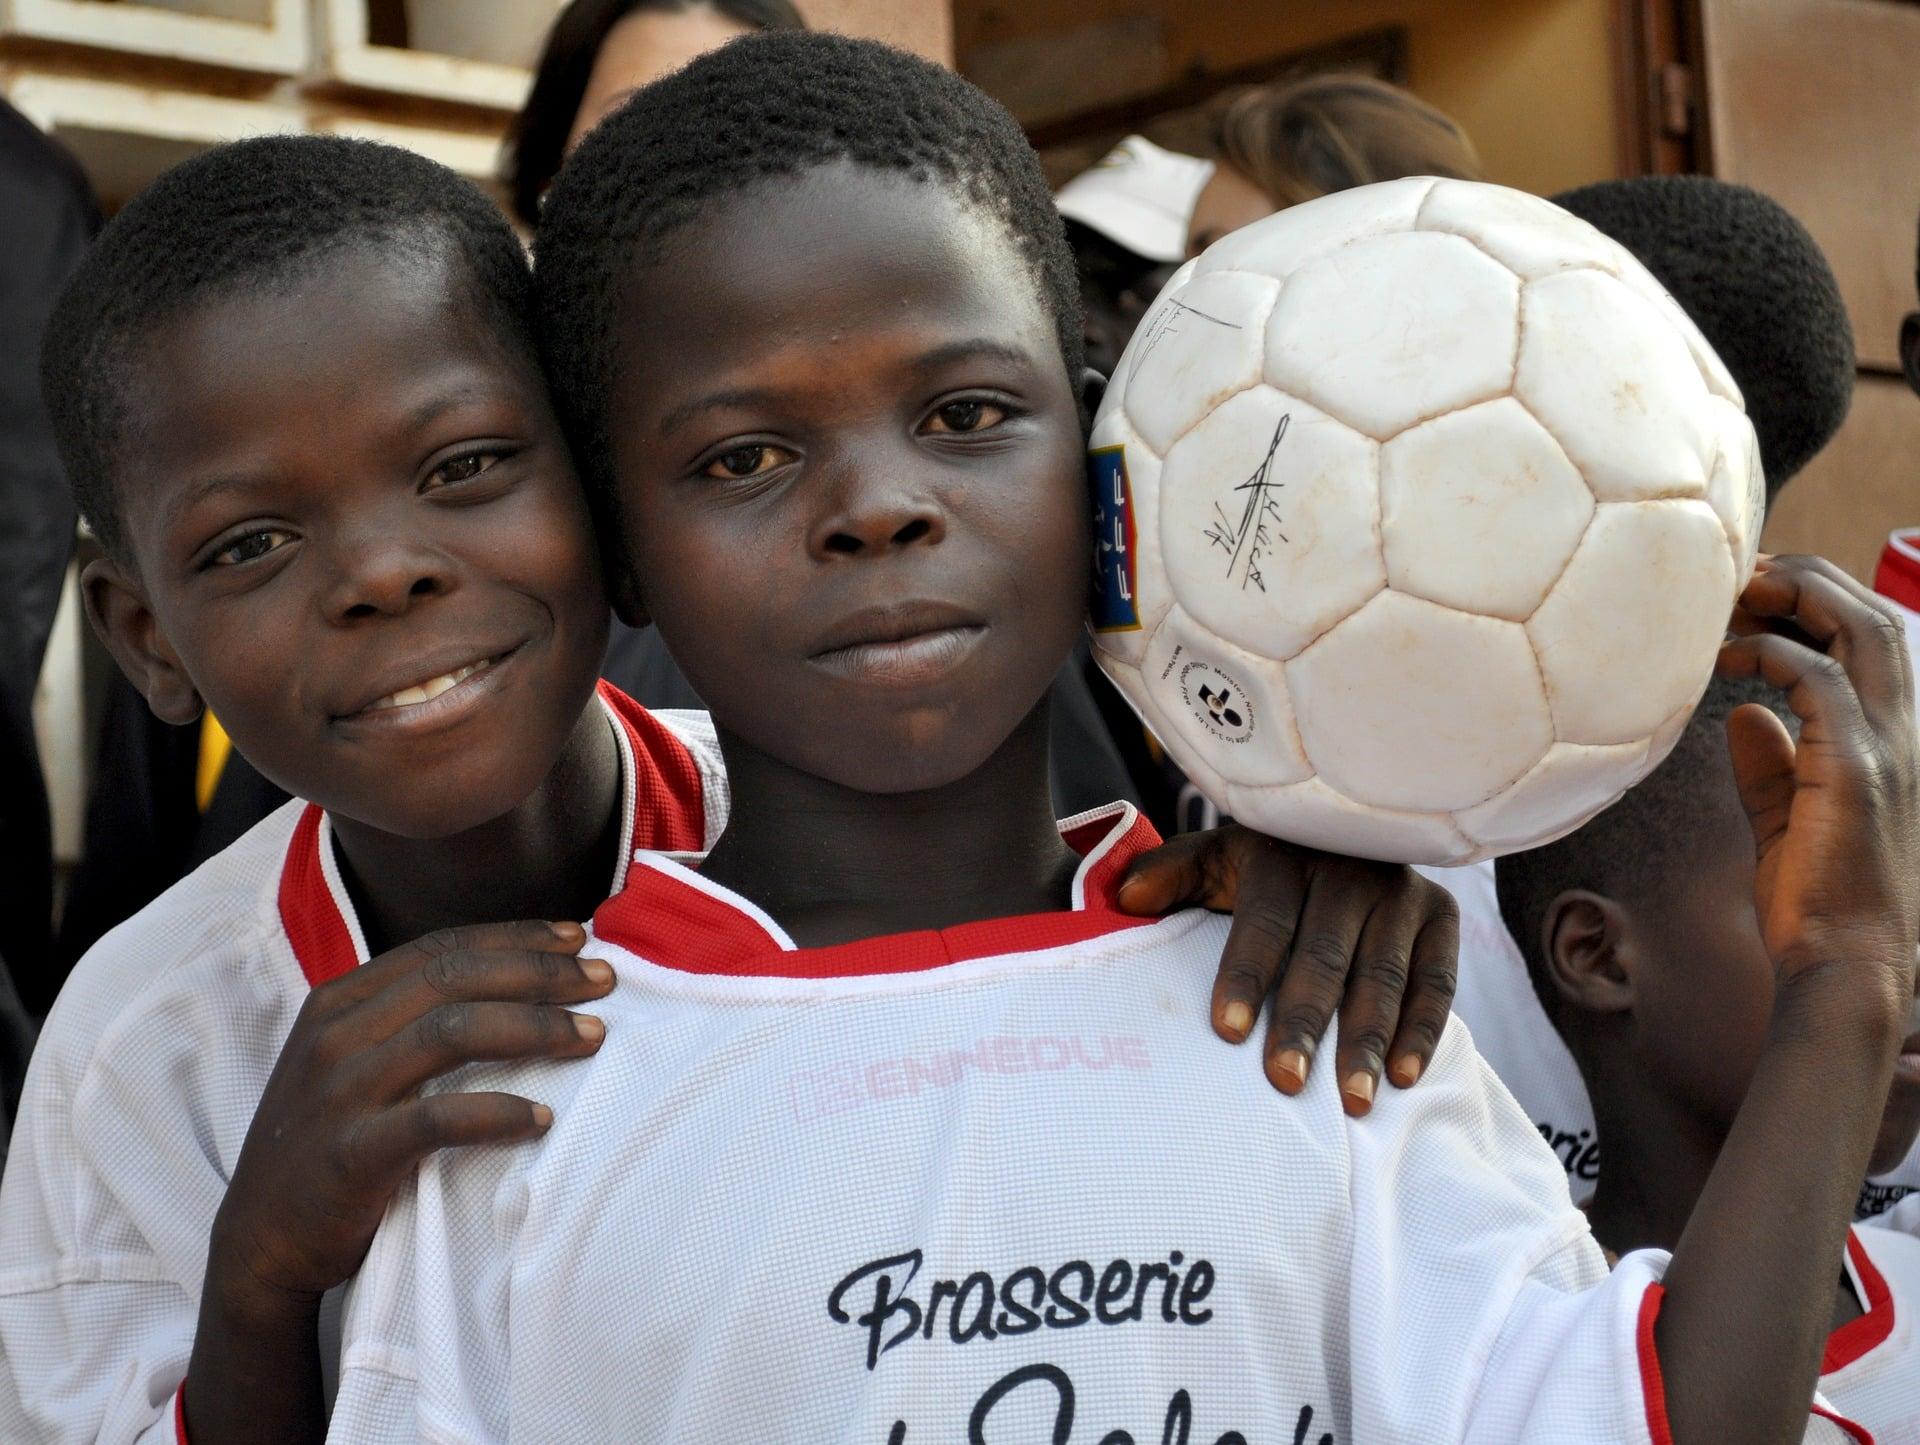 Volontariato internazionale in Kenya in un centro per la cura e l'educazione